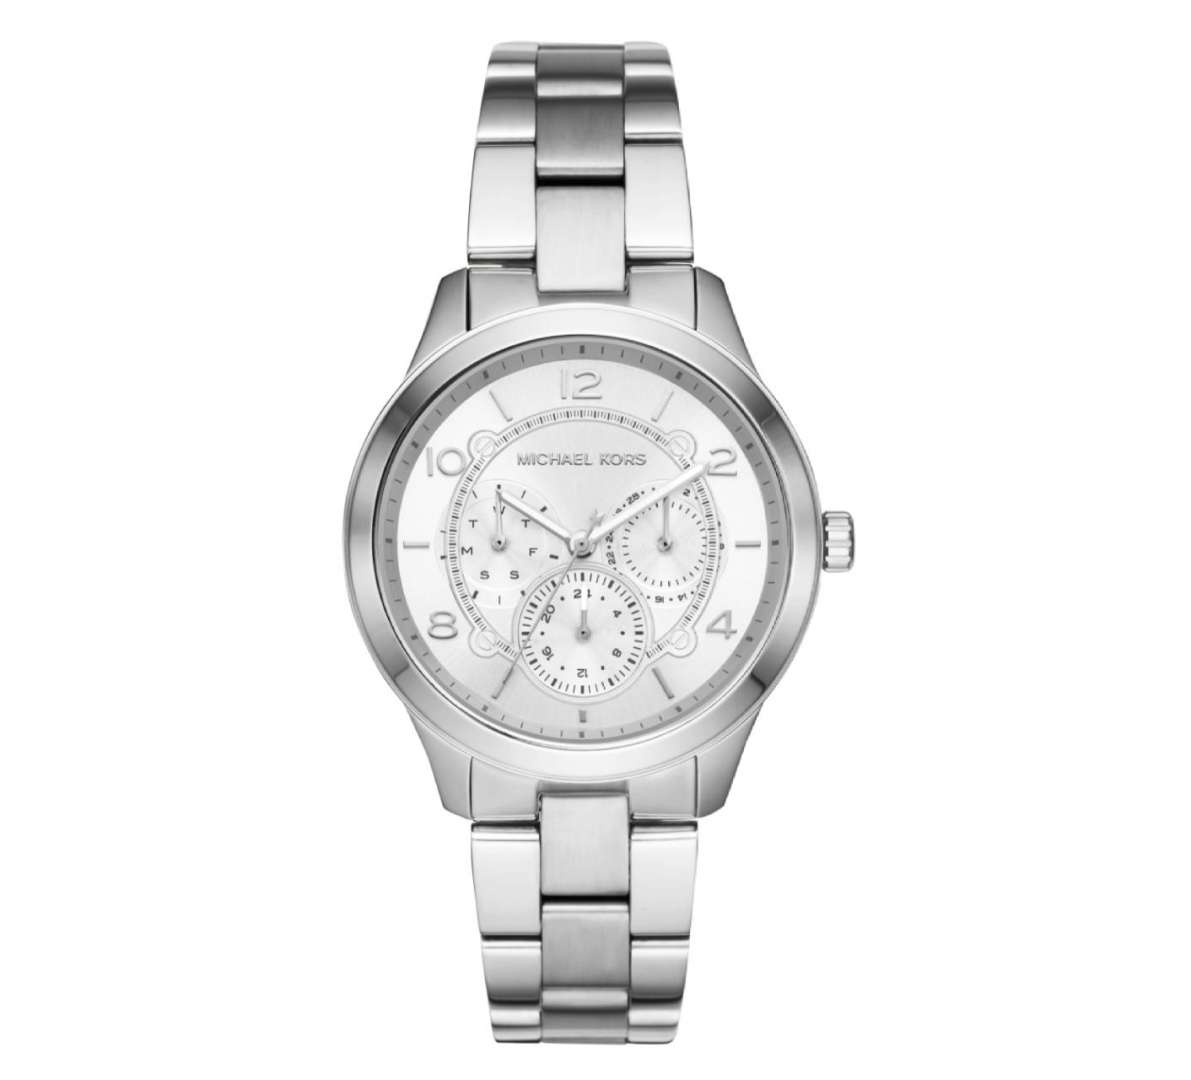 שעון יד אנלוגי לאישה michael kors mk6587 מייקל קורס